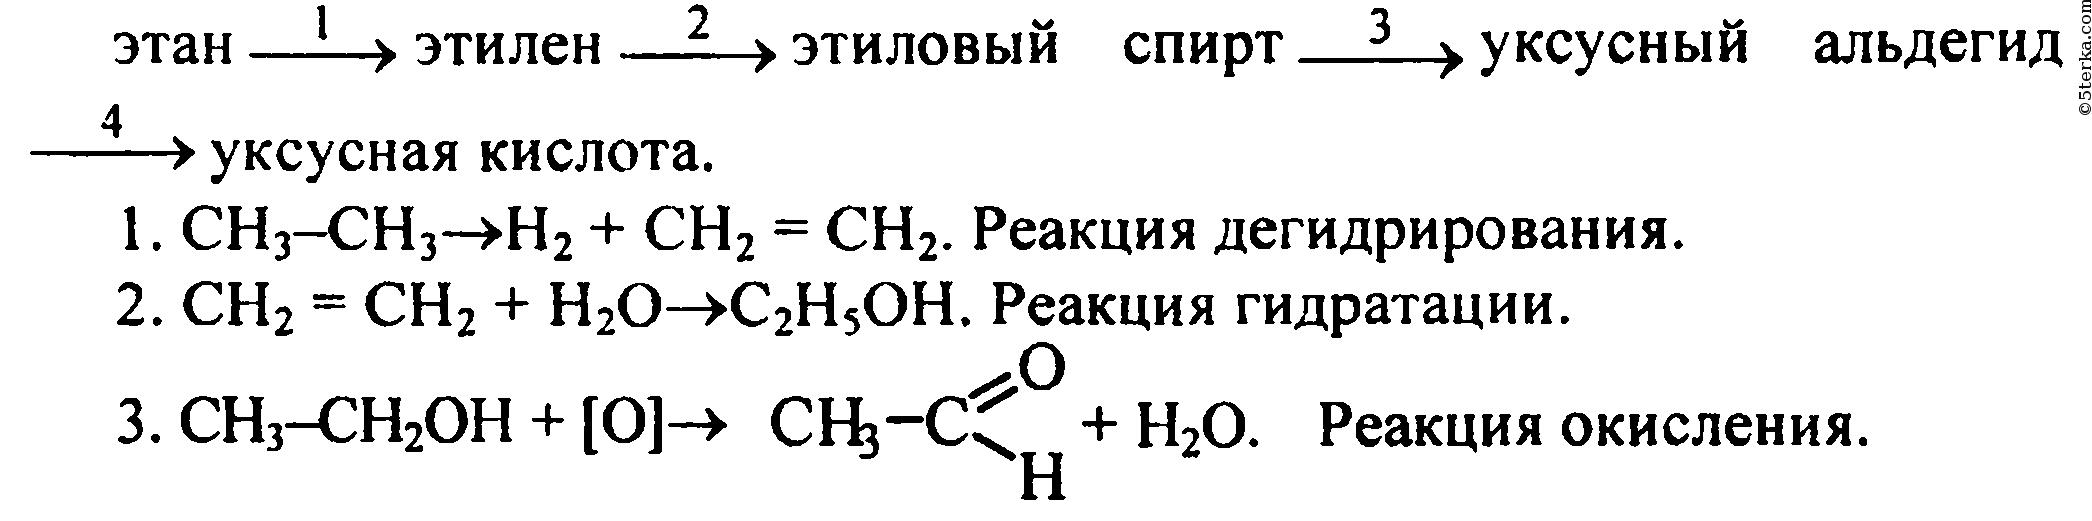 Как получить из этаналя этанол